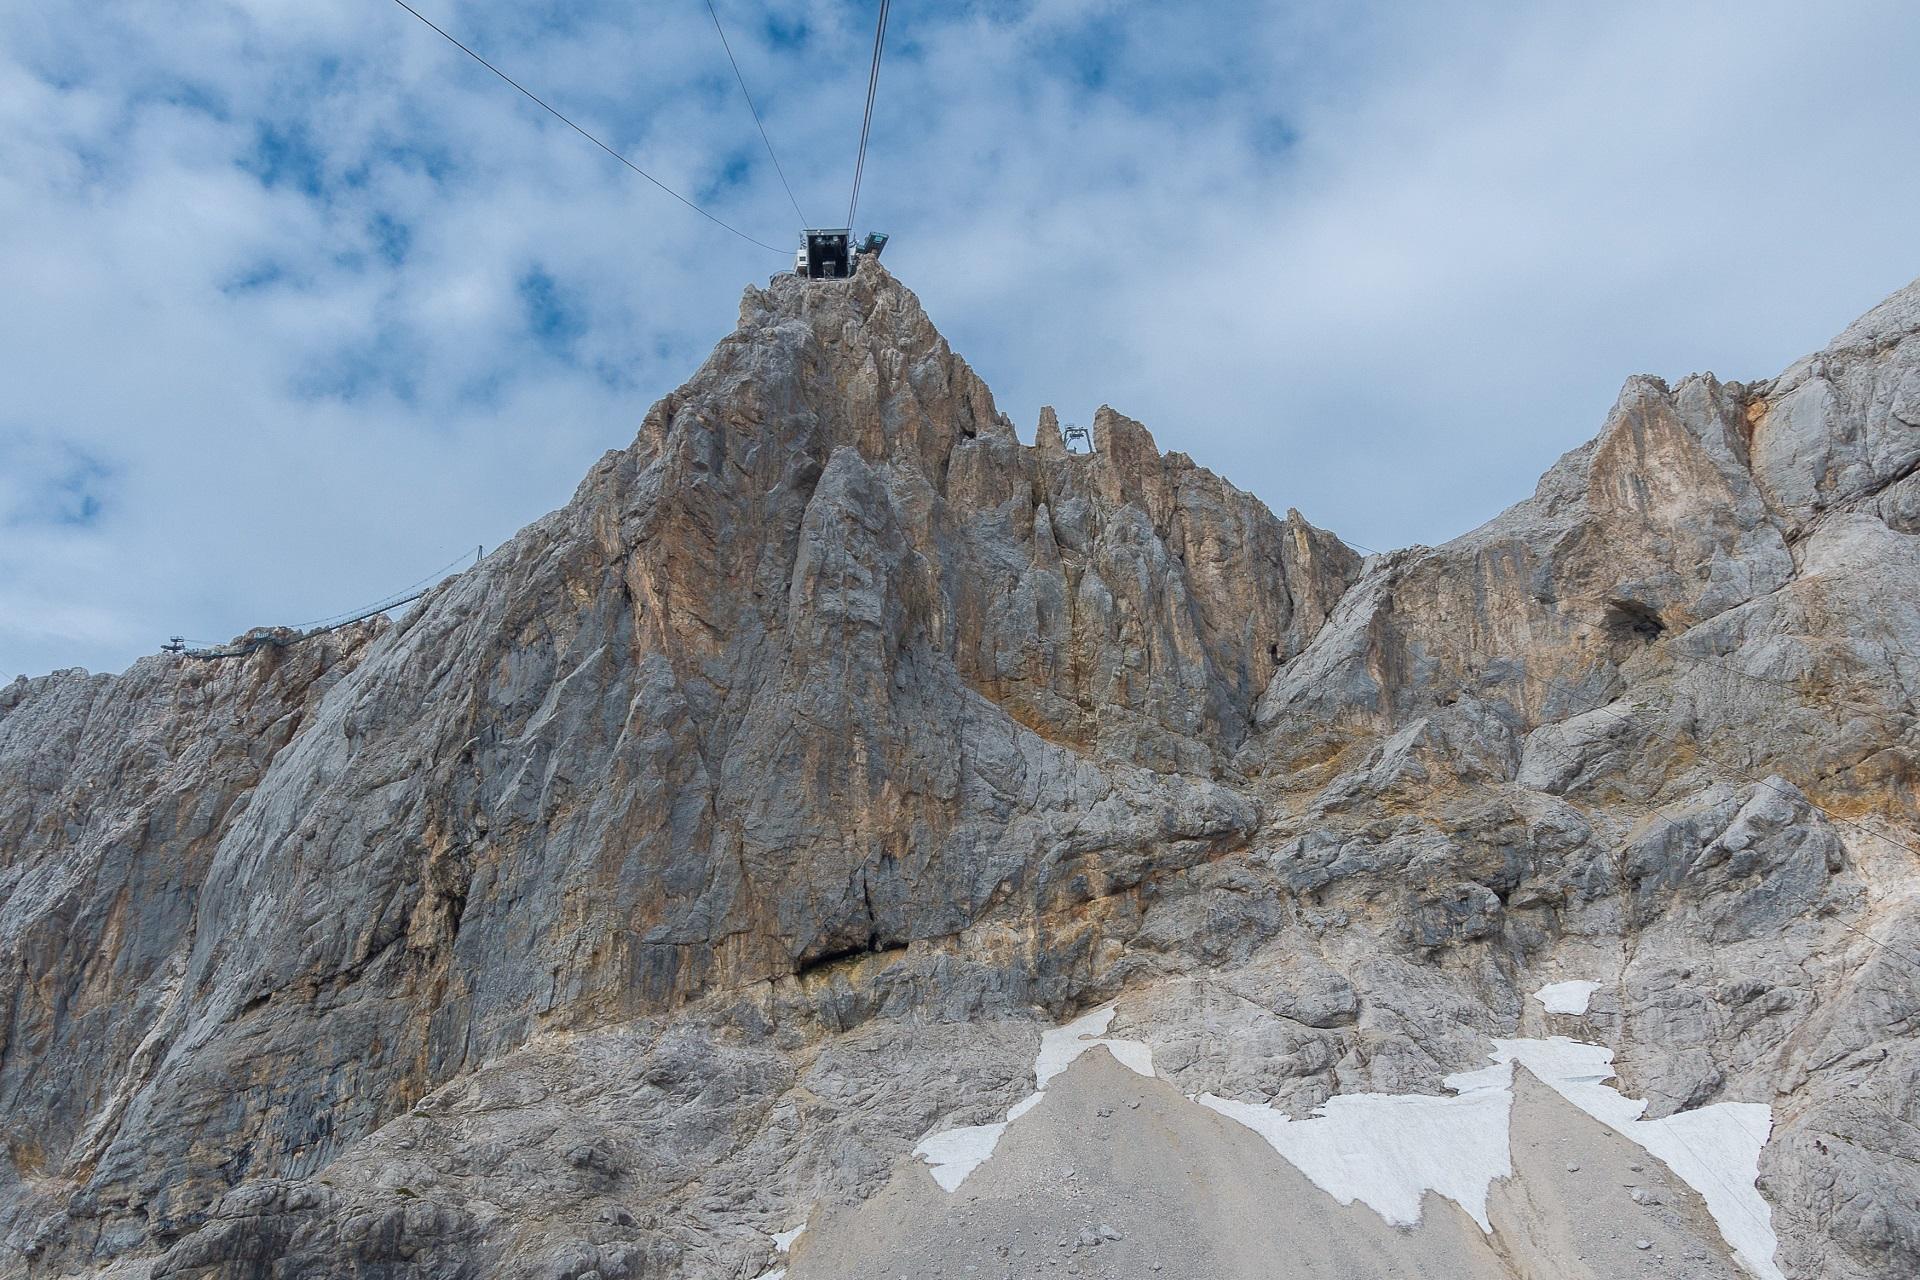 Widok na ścianę pod kolejką na Dachstein - to w tej ścianie jest ukryta Sky Walk Klettersteig